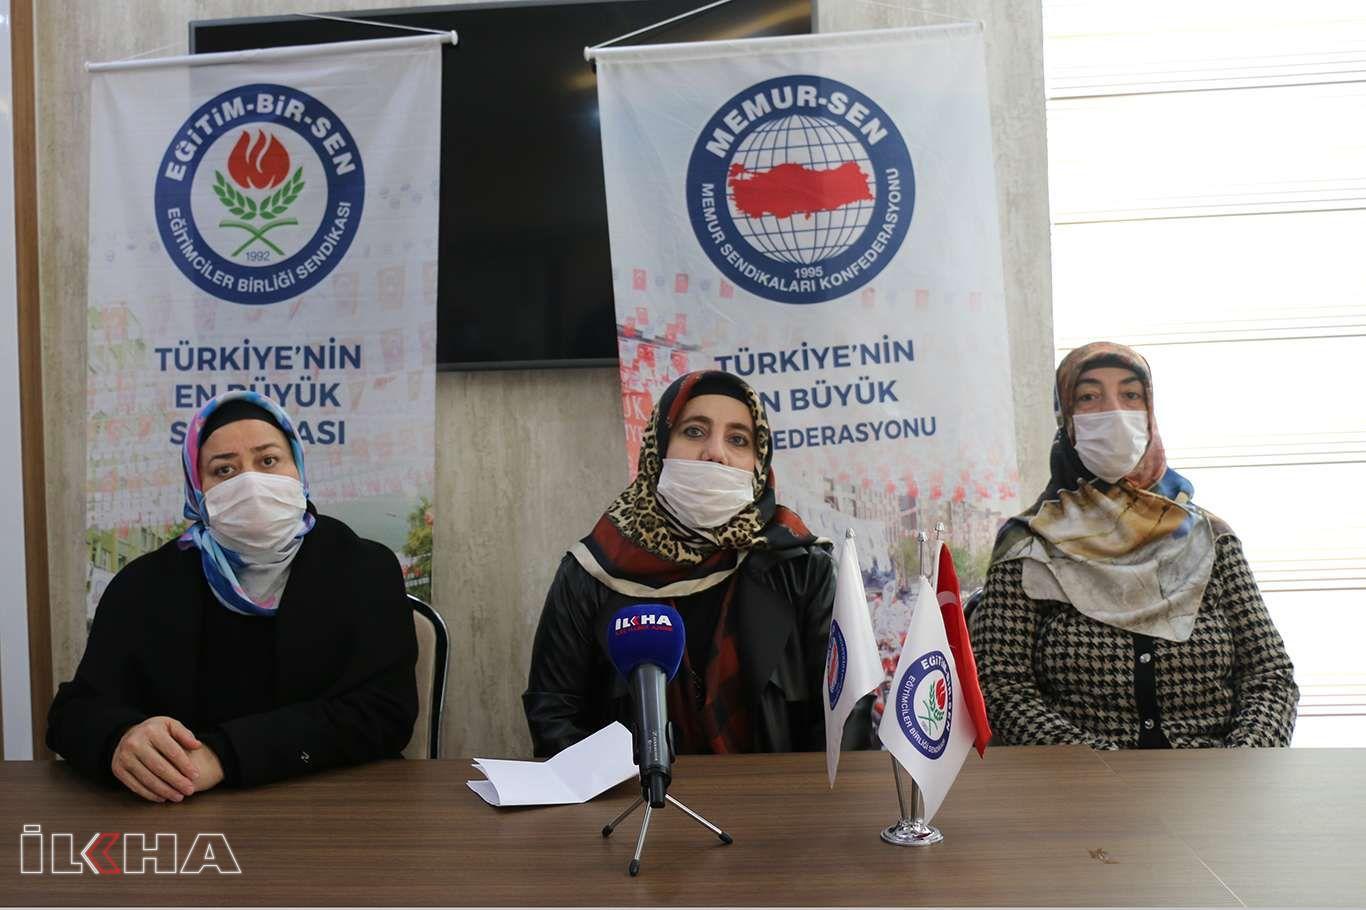 Şanlıurfa Memur-Sen 28 Şubat mağdurlarının haklarının verilmesini istedi